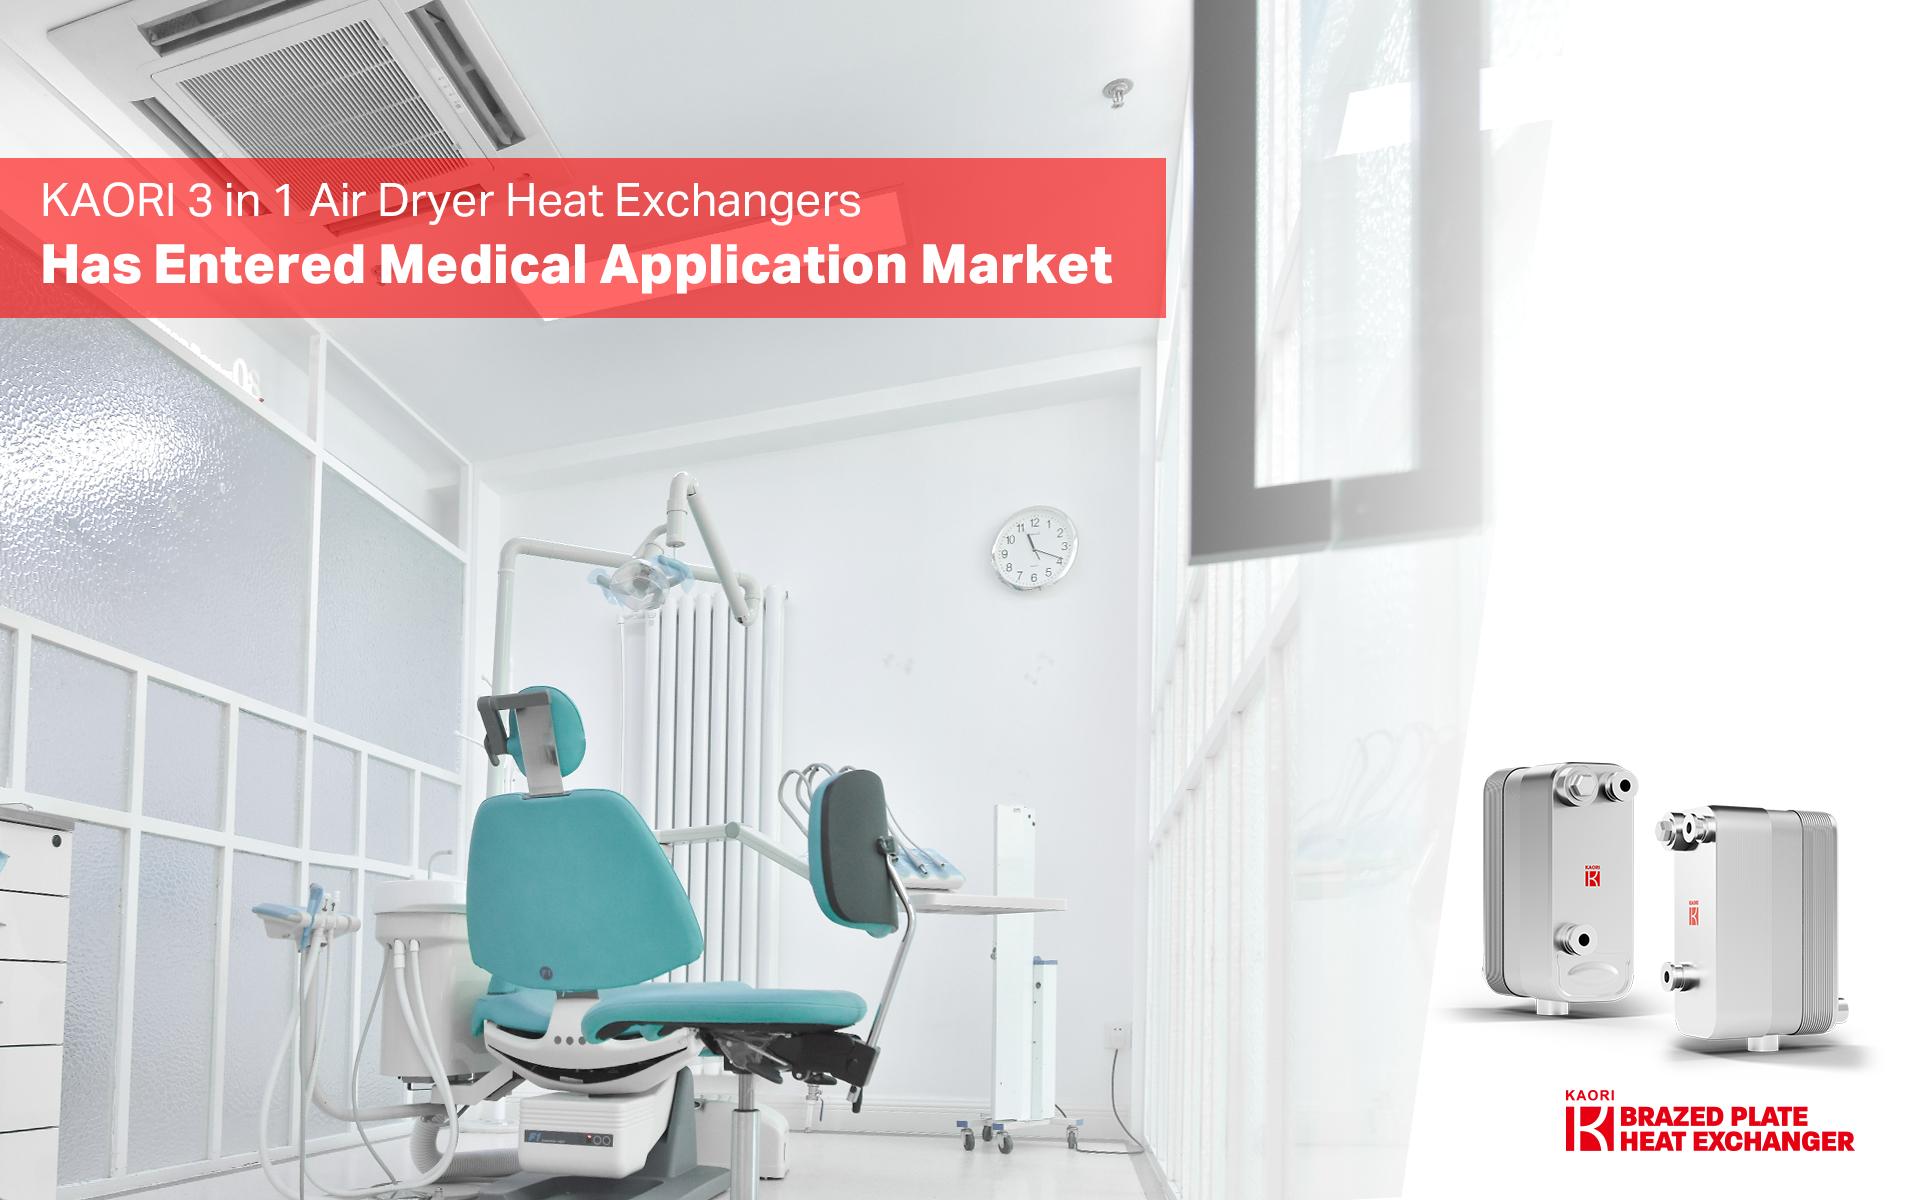 高力三合一熱交換器   進入醫療應用市場